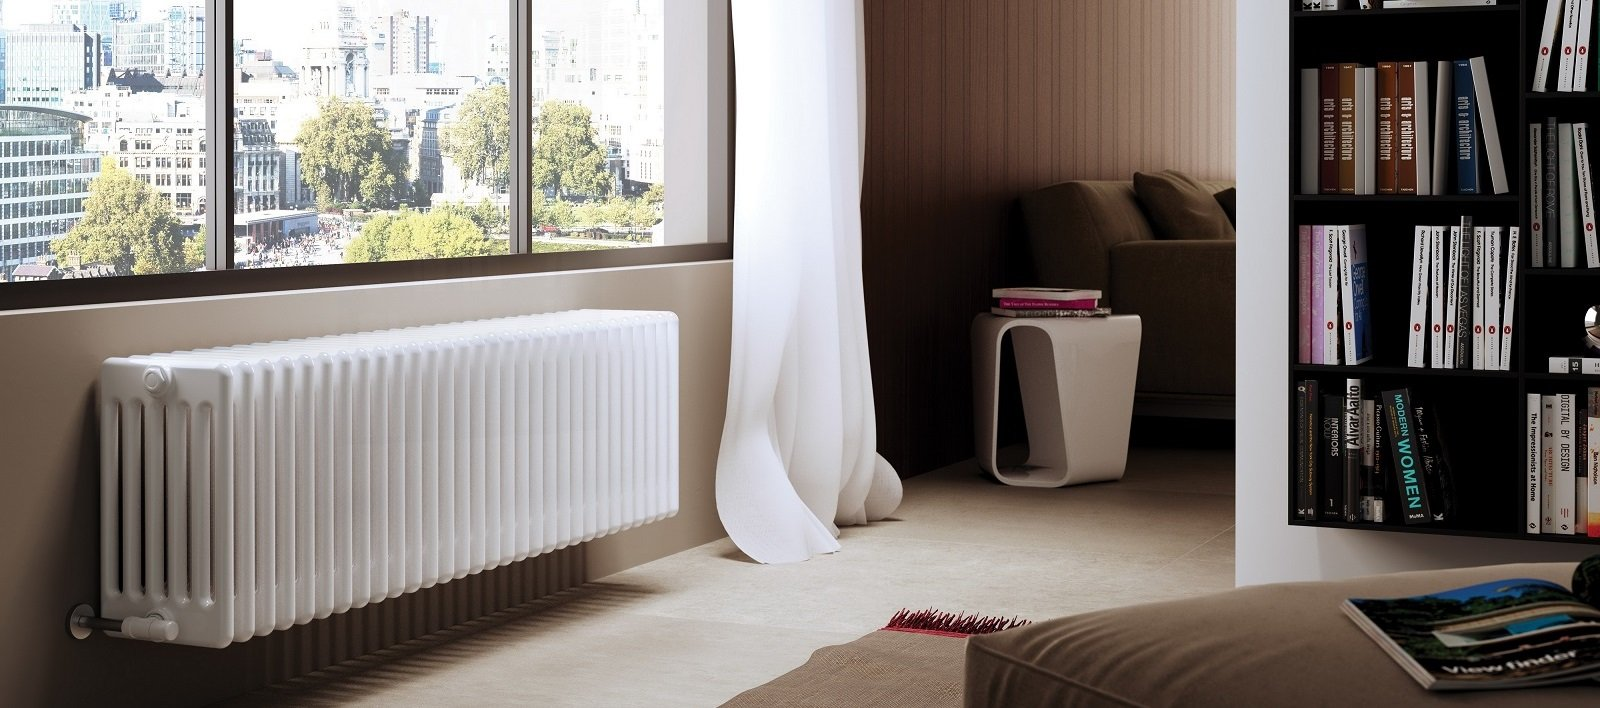 Verniciare Caloriferi In Ghisa i nuovi modelli sostituiscono i vecchi radiatori sottofinestra